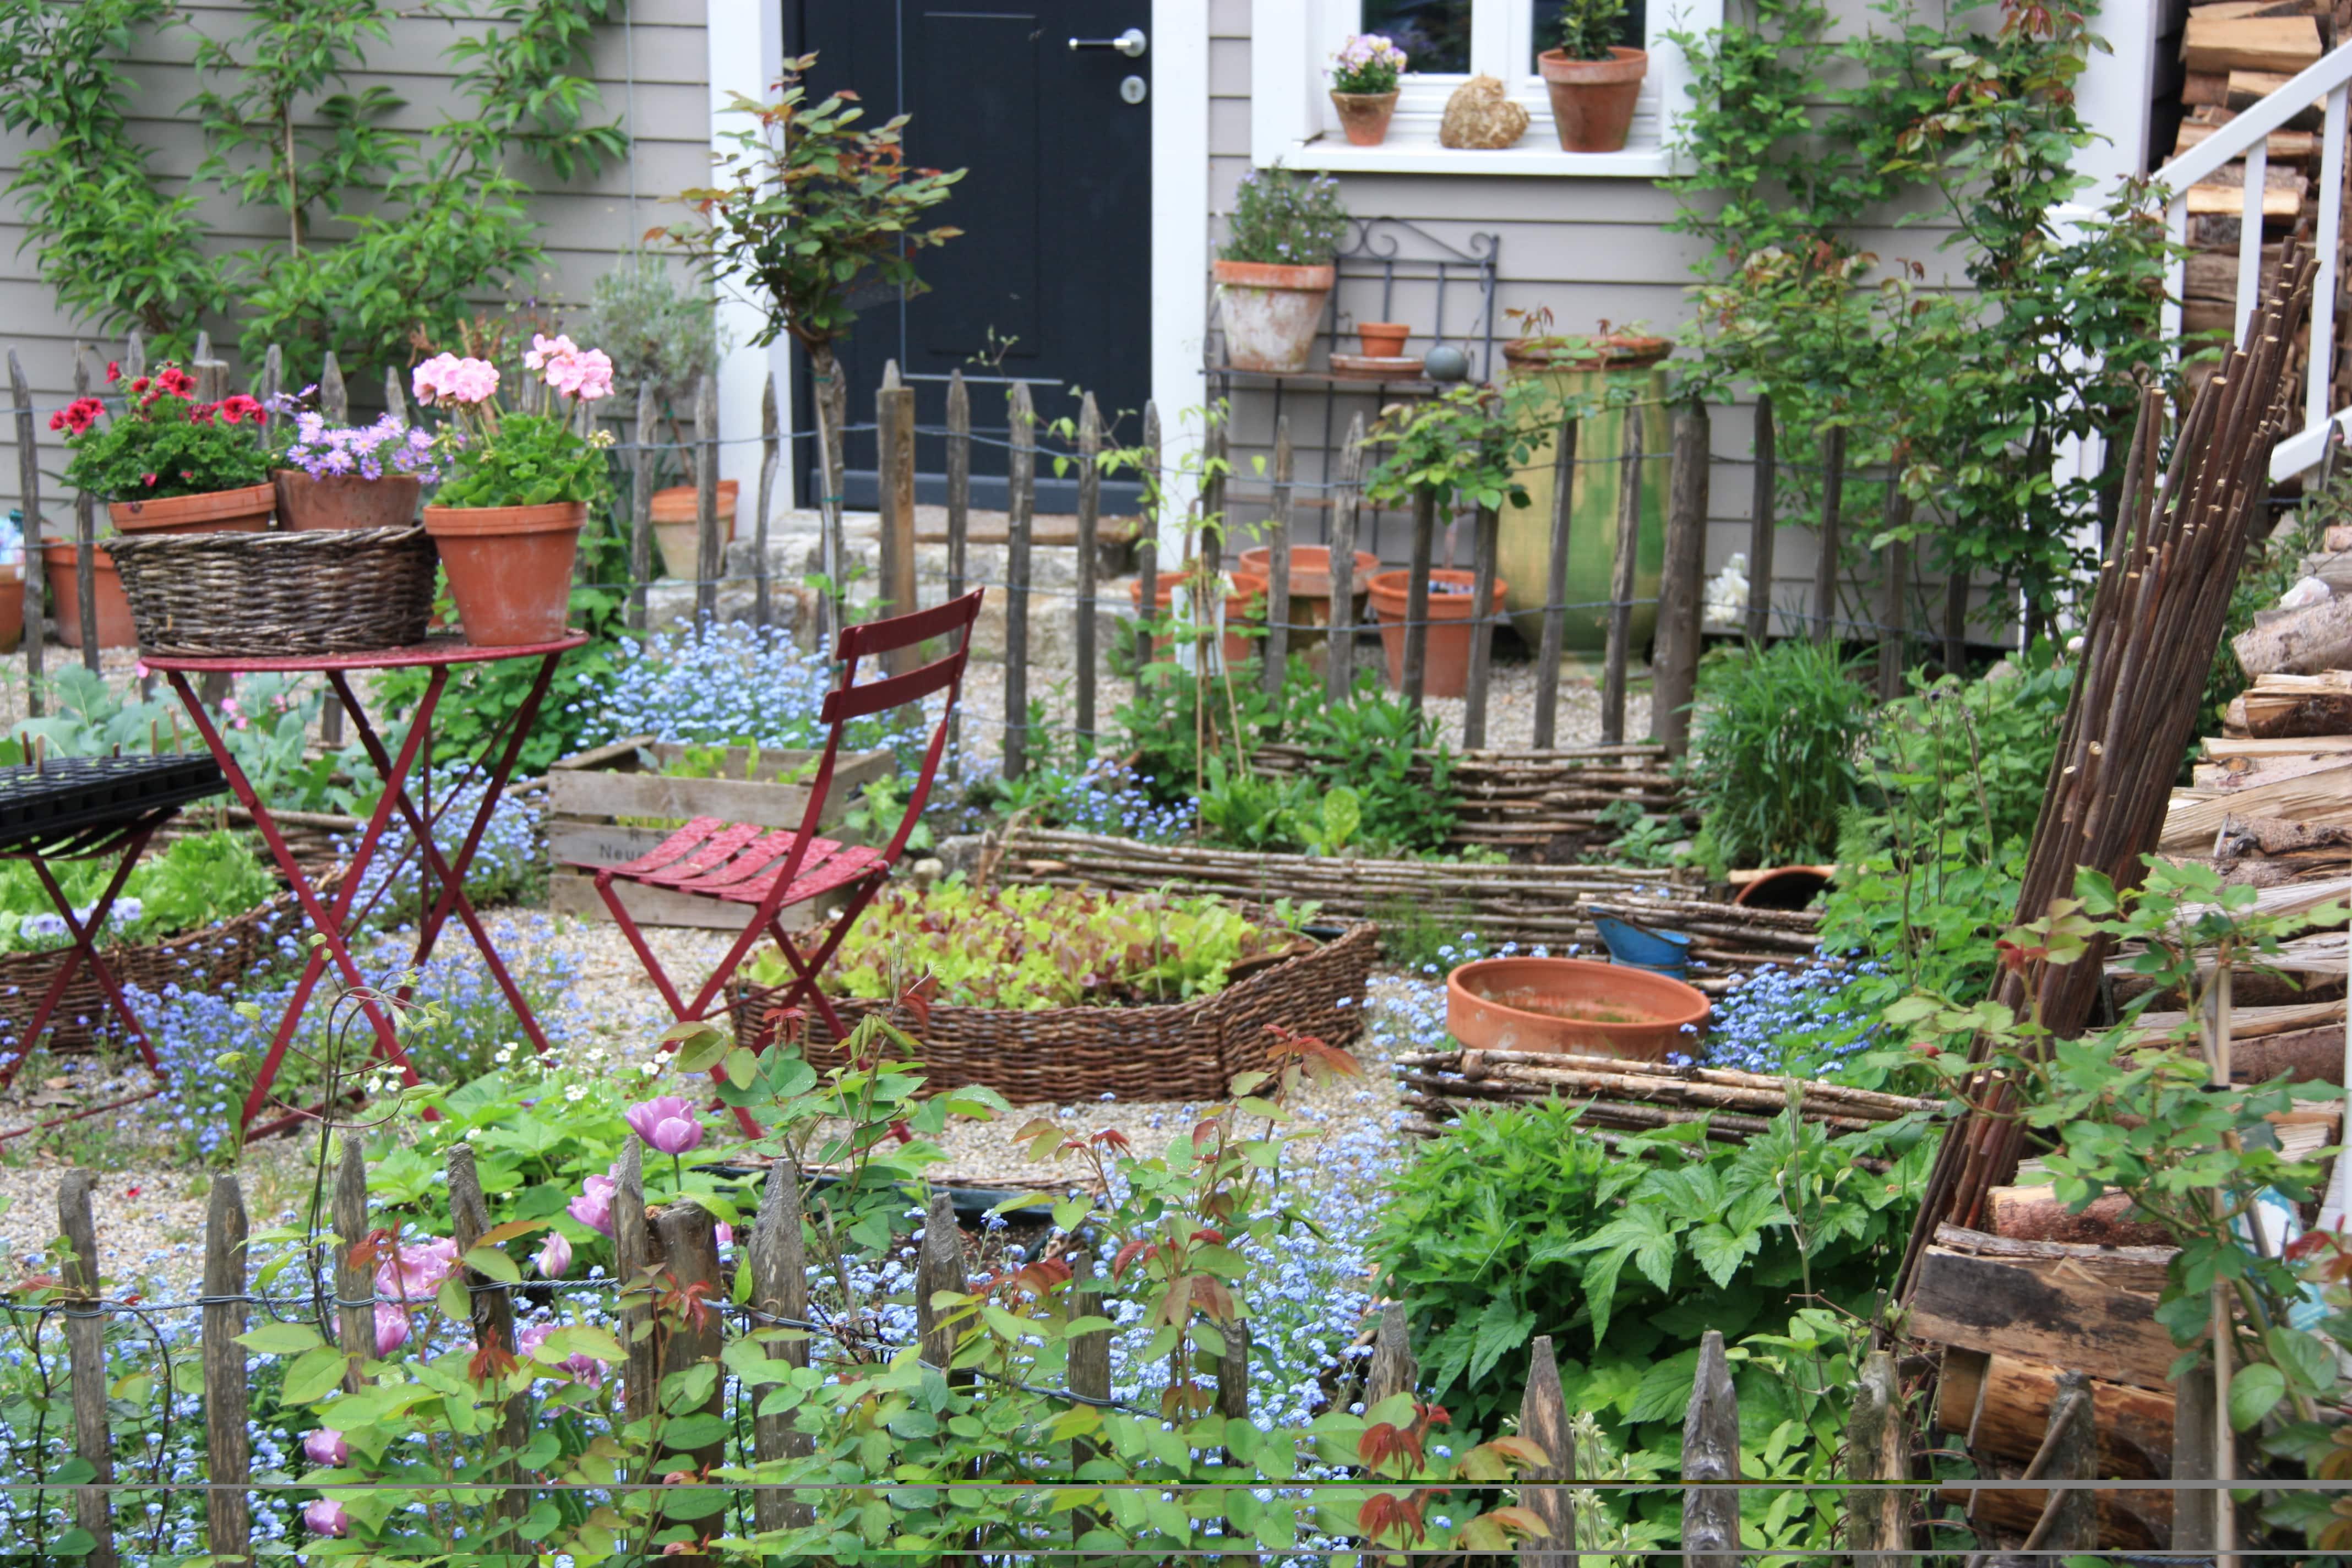 Sitzecke im Cottage Garten - geordnete Unordnung